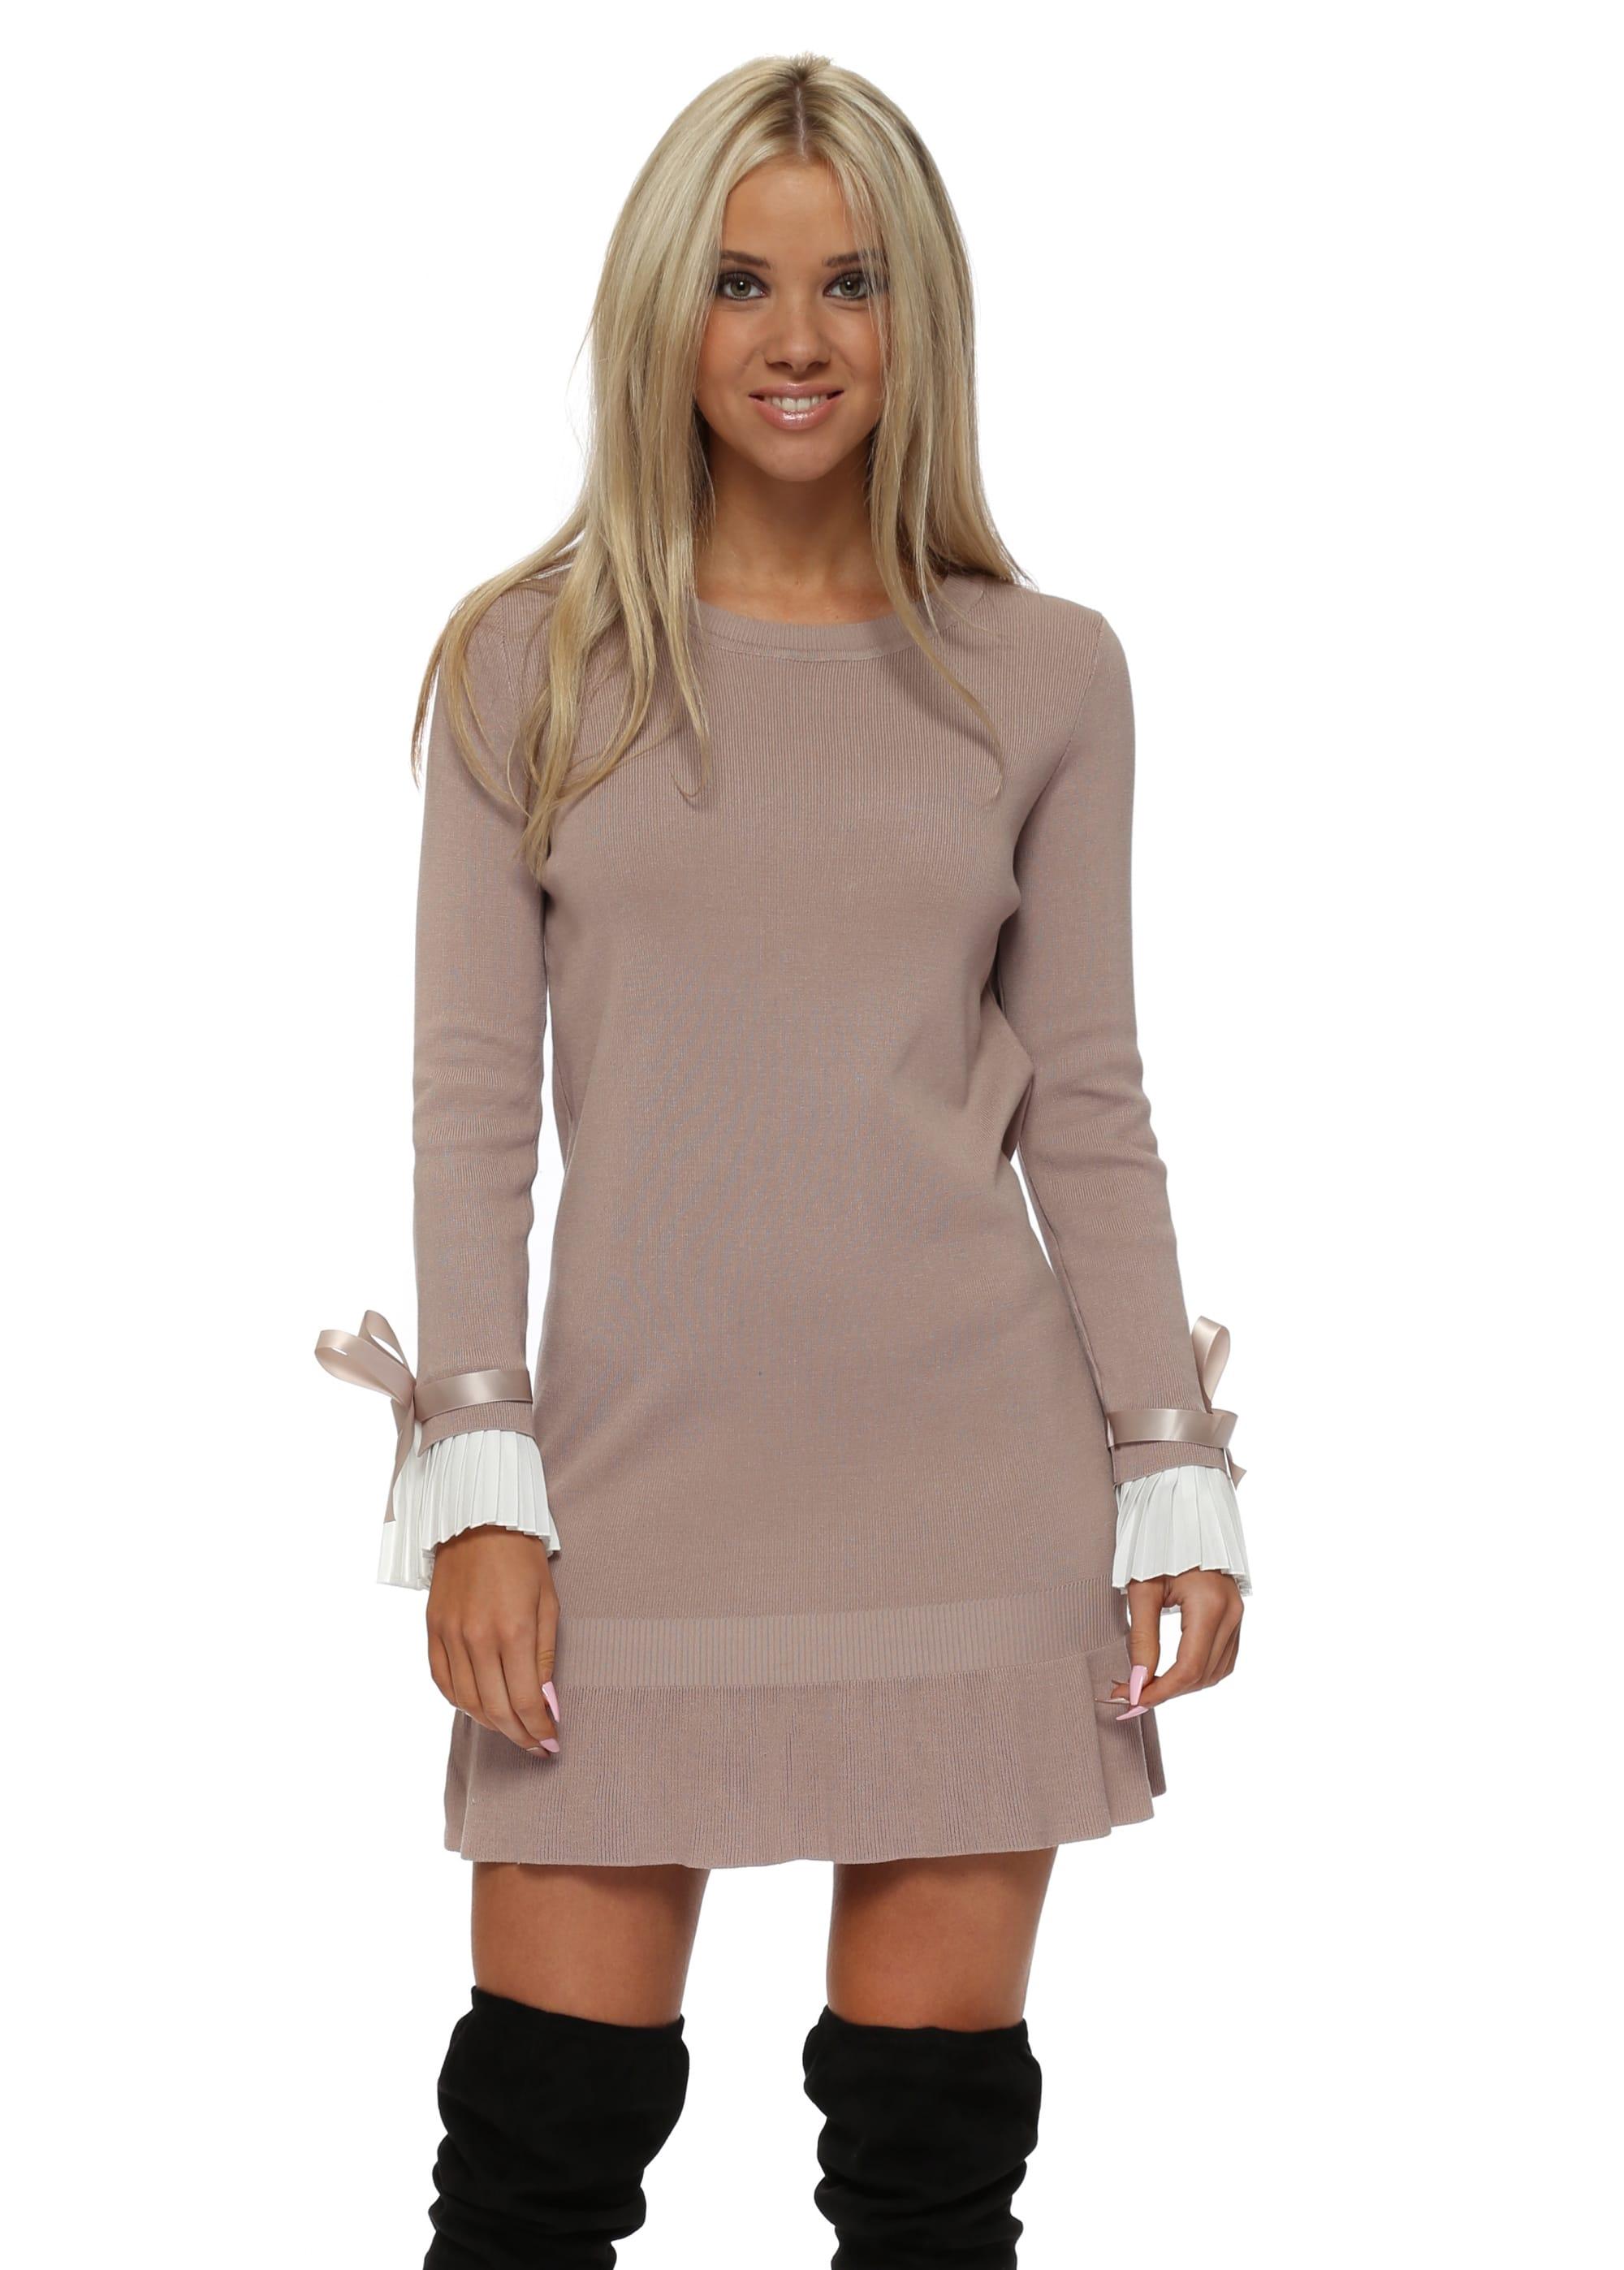 e74af99a5e5 Beige Jumper Dress With White Pleated Cuffs - Laetitia Mem